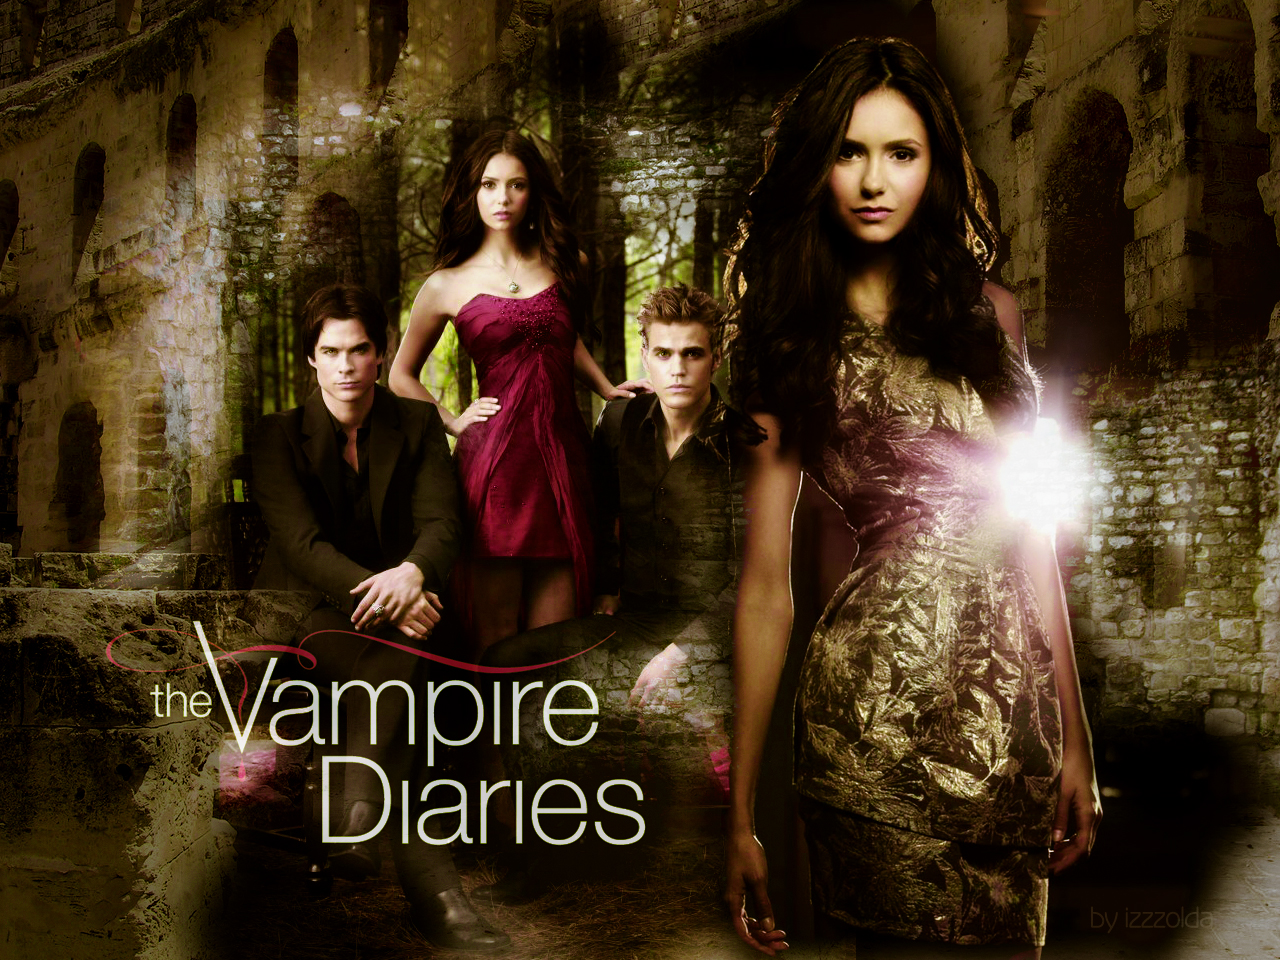 6853620-vampire-diaries-wallpaper.jpg